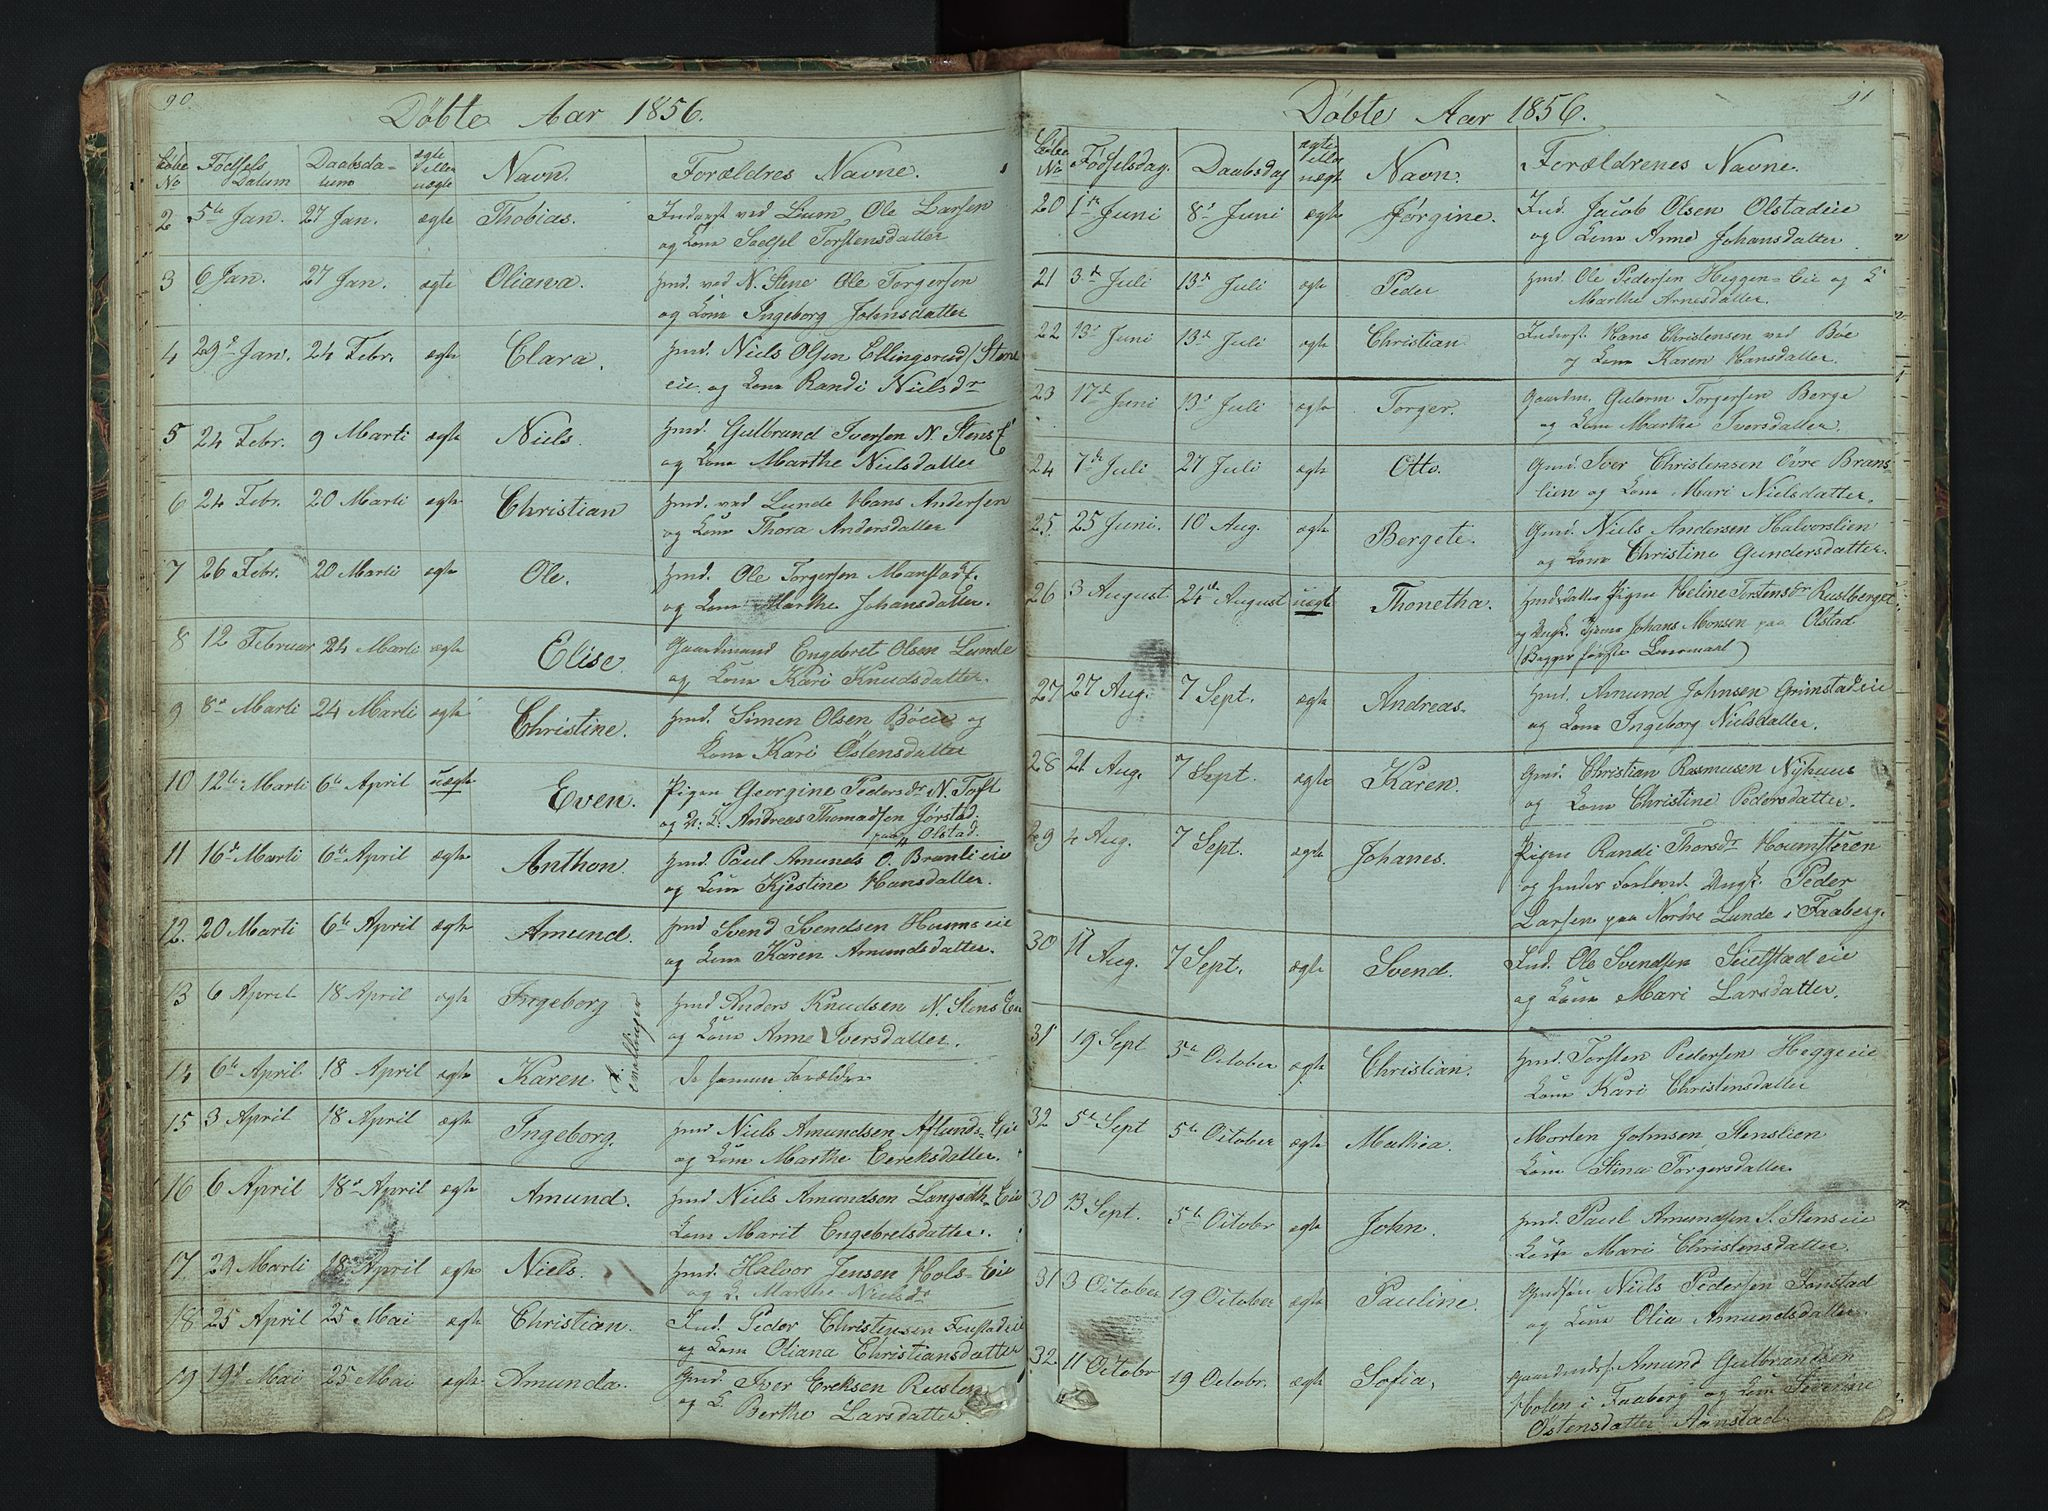 SAH, Gausdal prestekontor, Klokkerbok nr. 6, 1846-1893, s. 90-91